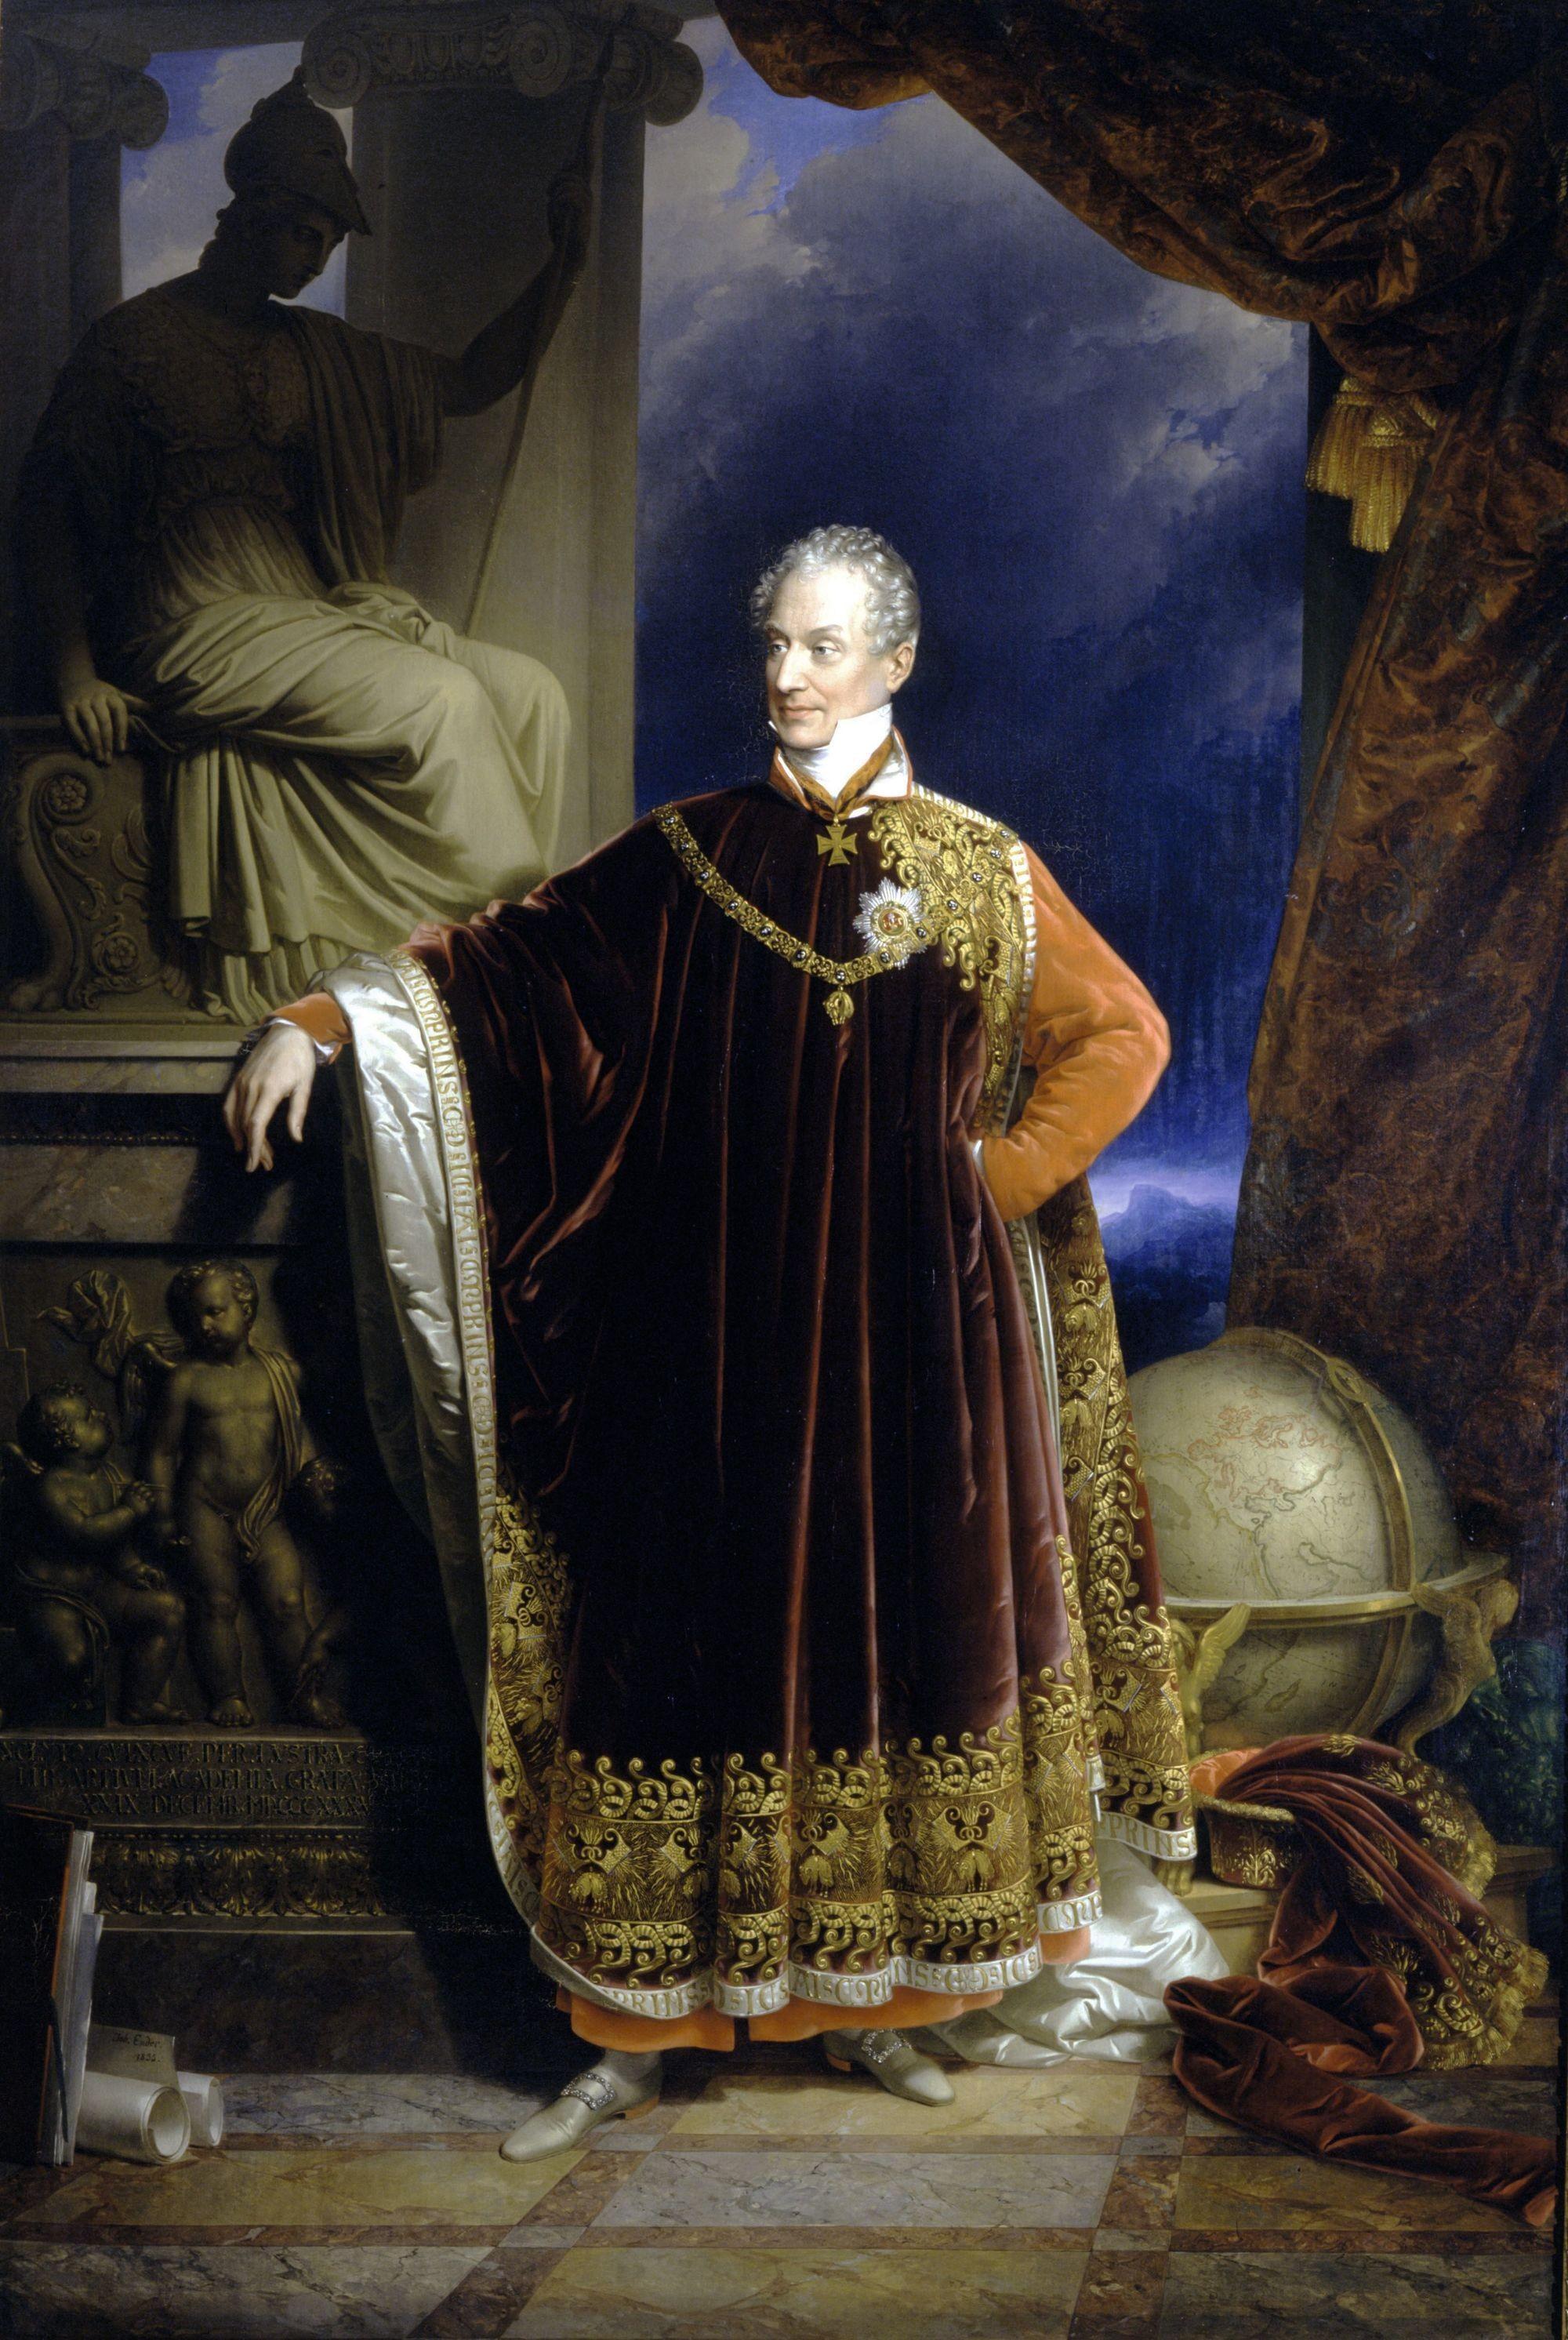 Johann Ender, Portrait de Metternich, 1836, huile sur toile.